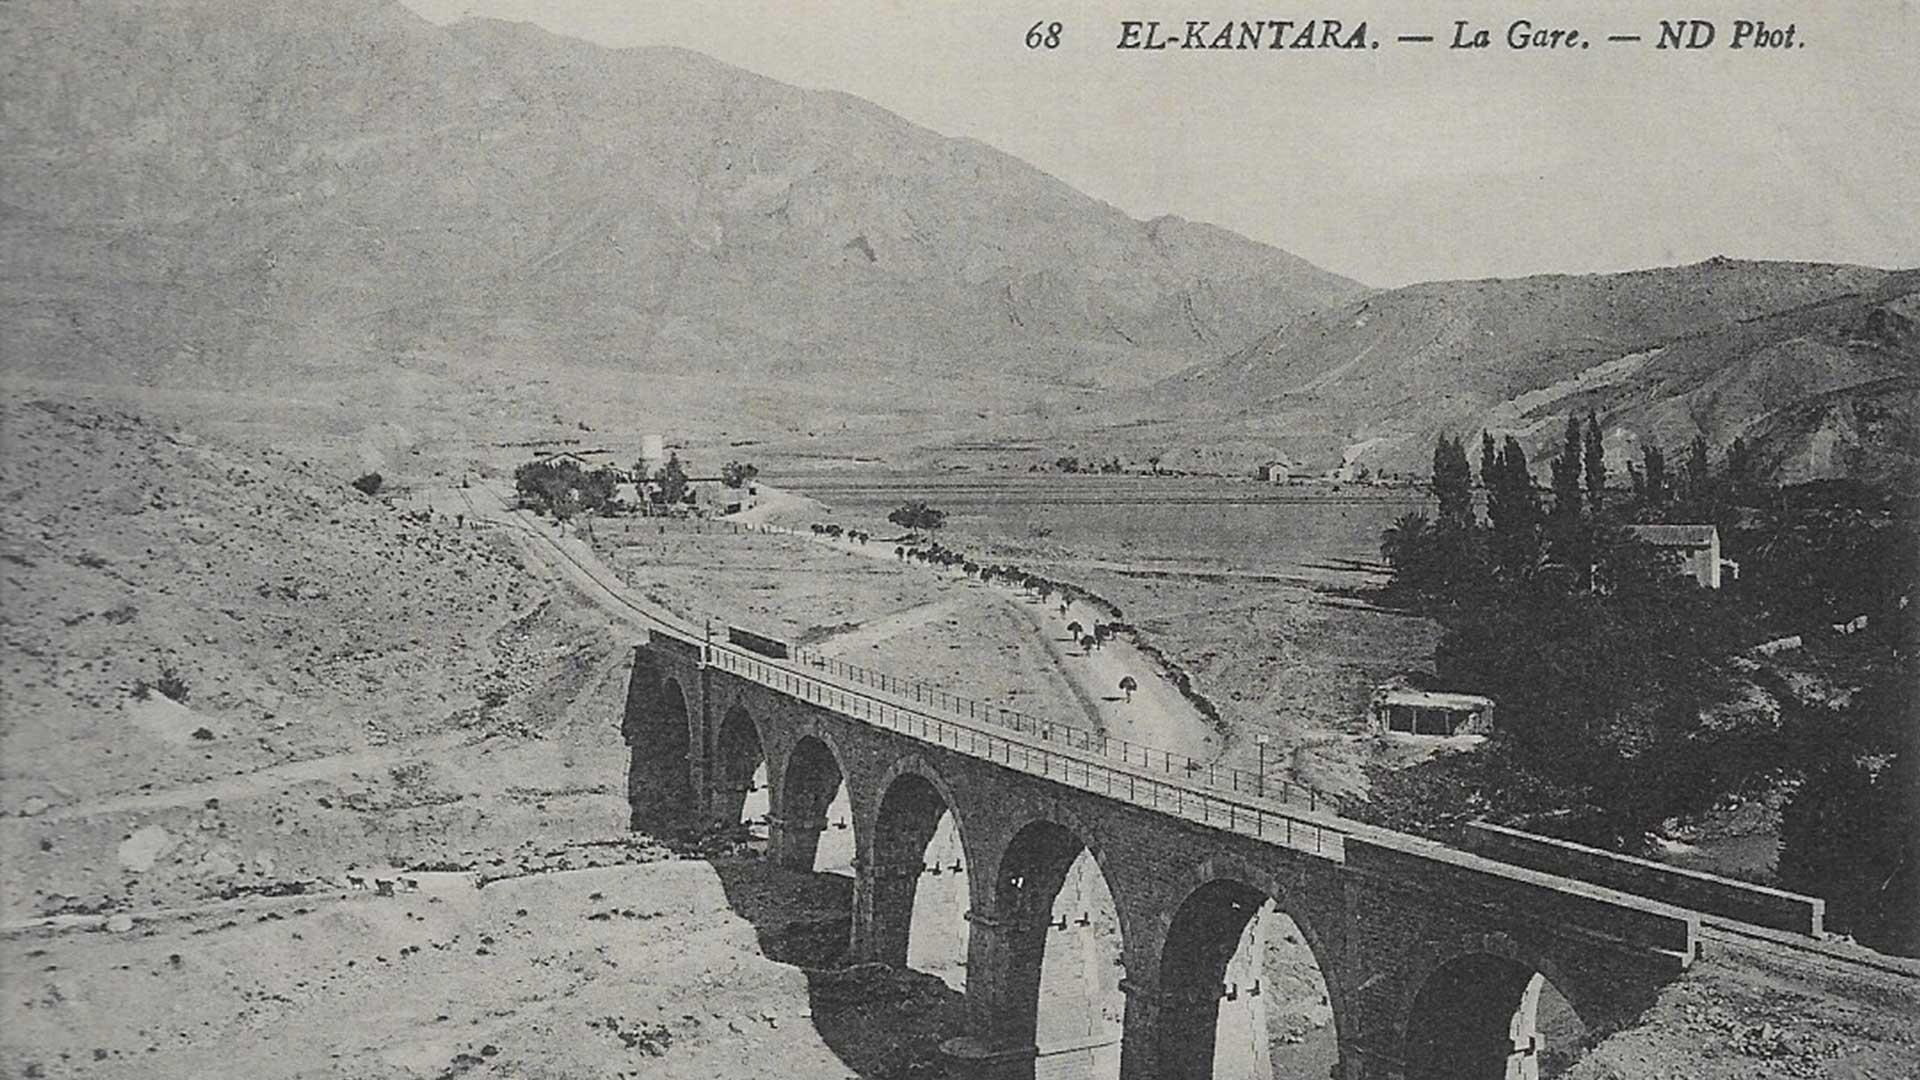 El-Kantara-Gare-2